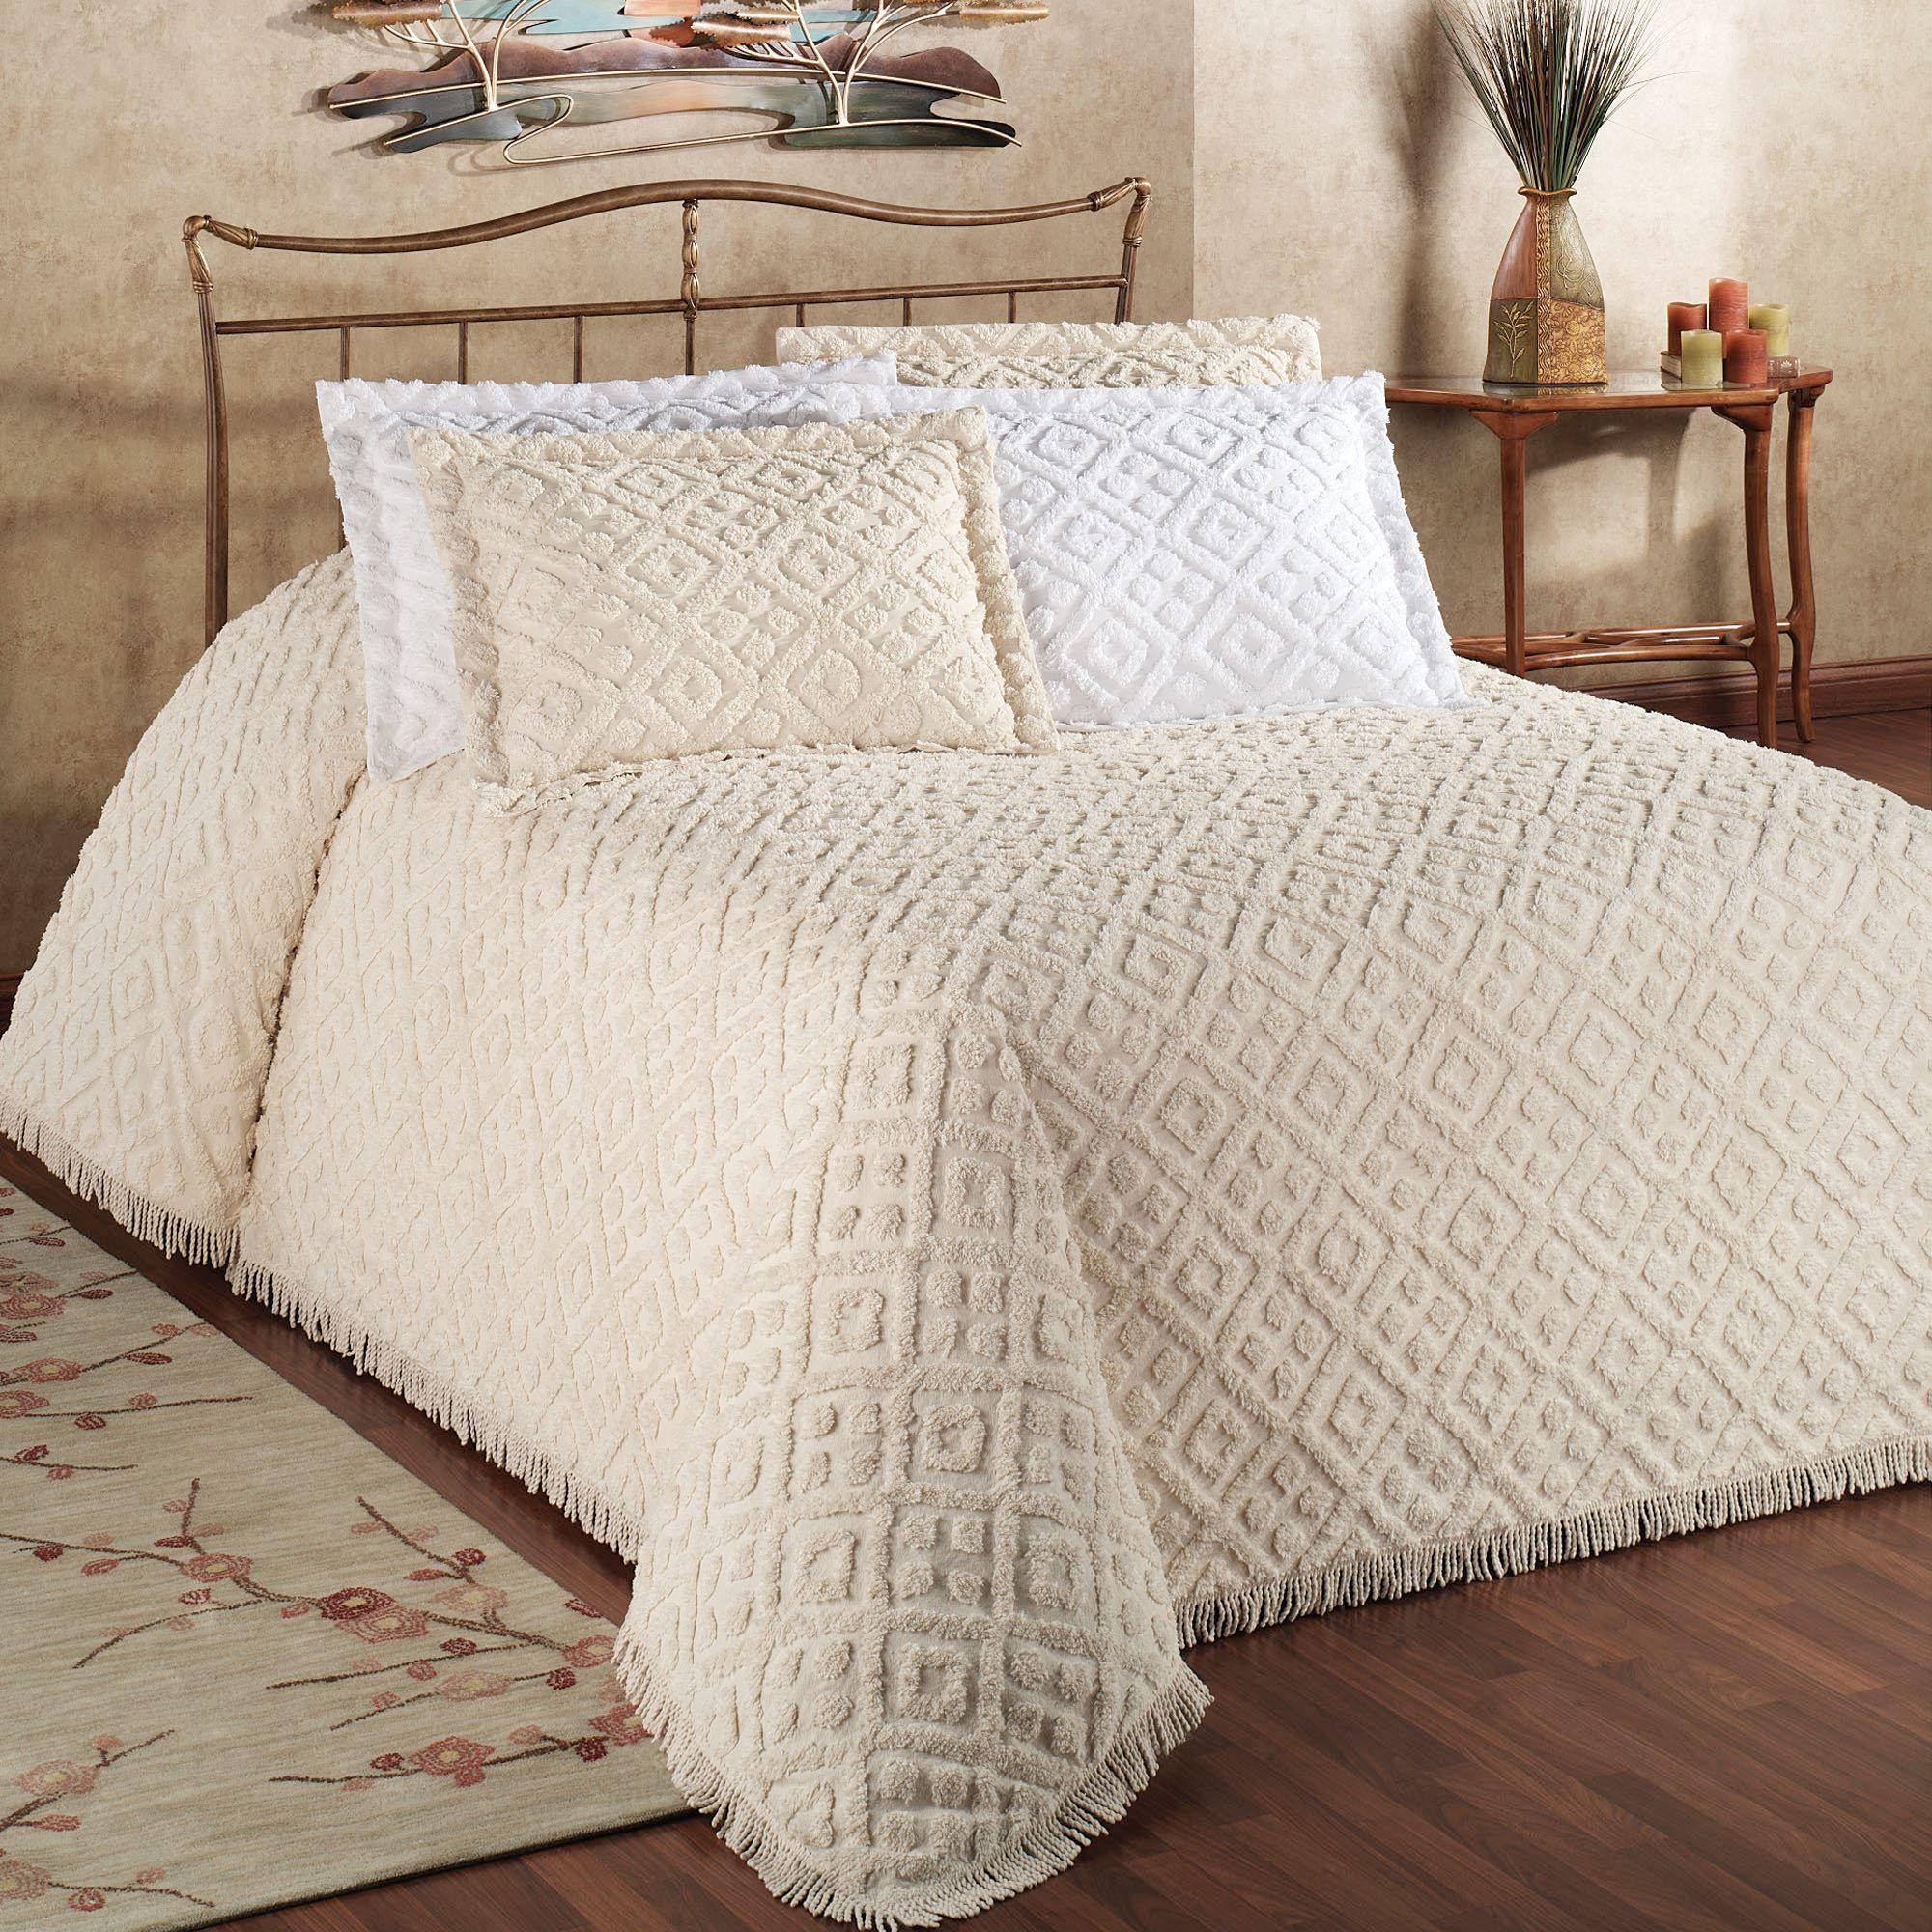 Chenille Bedspreads.Diamond Cotton Chenille Bedspread Bedding